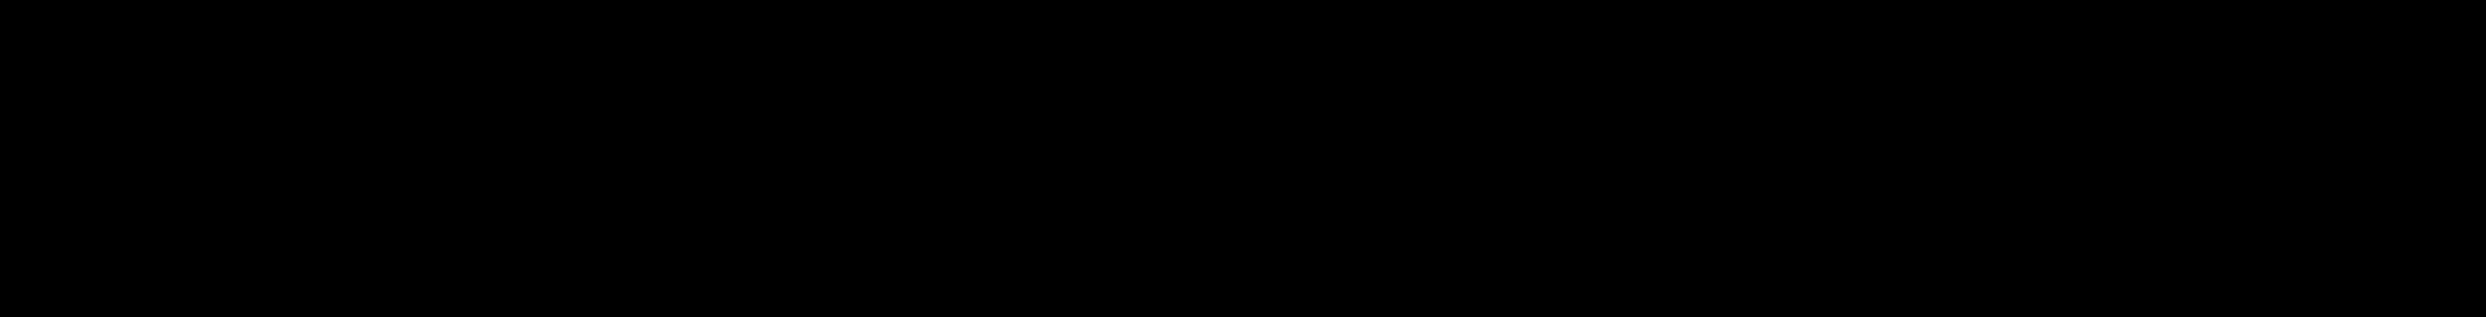 Loblaww Digital logo